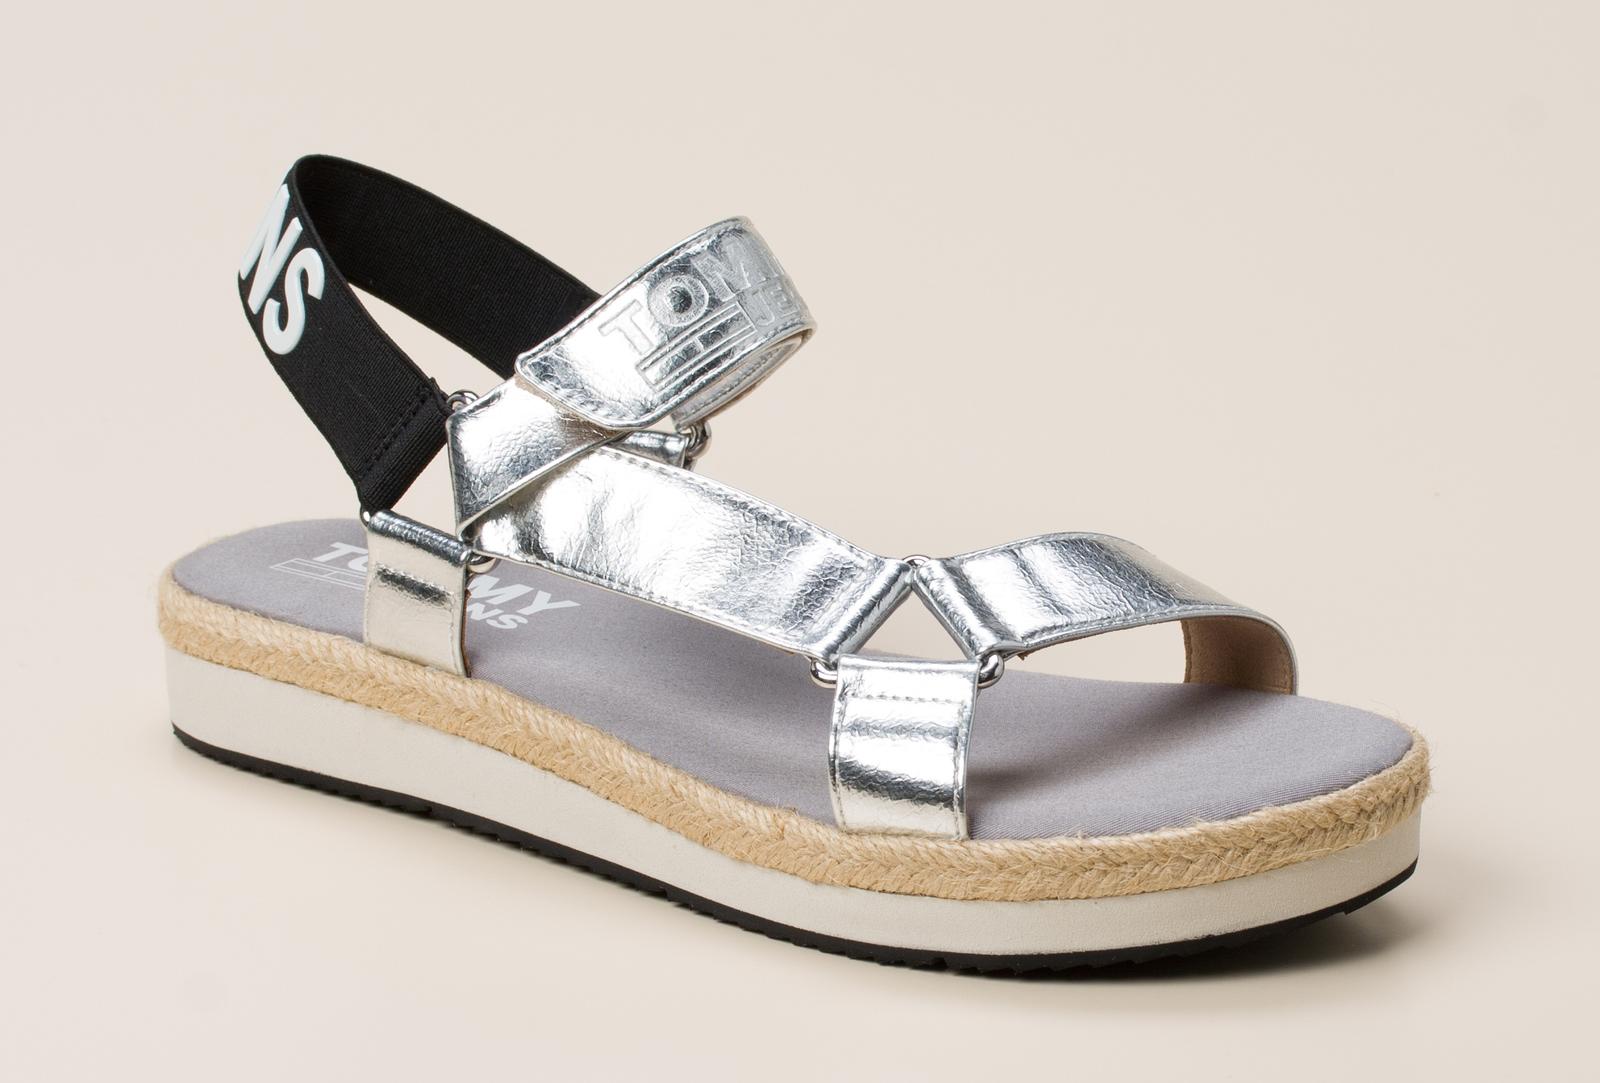 f0e235b552c0 Tommy Hilfiger Damen Sandale in silber kaufen   Zumnorde Online-Shop